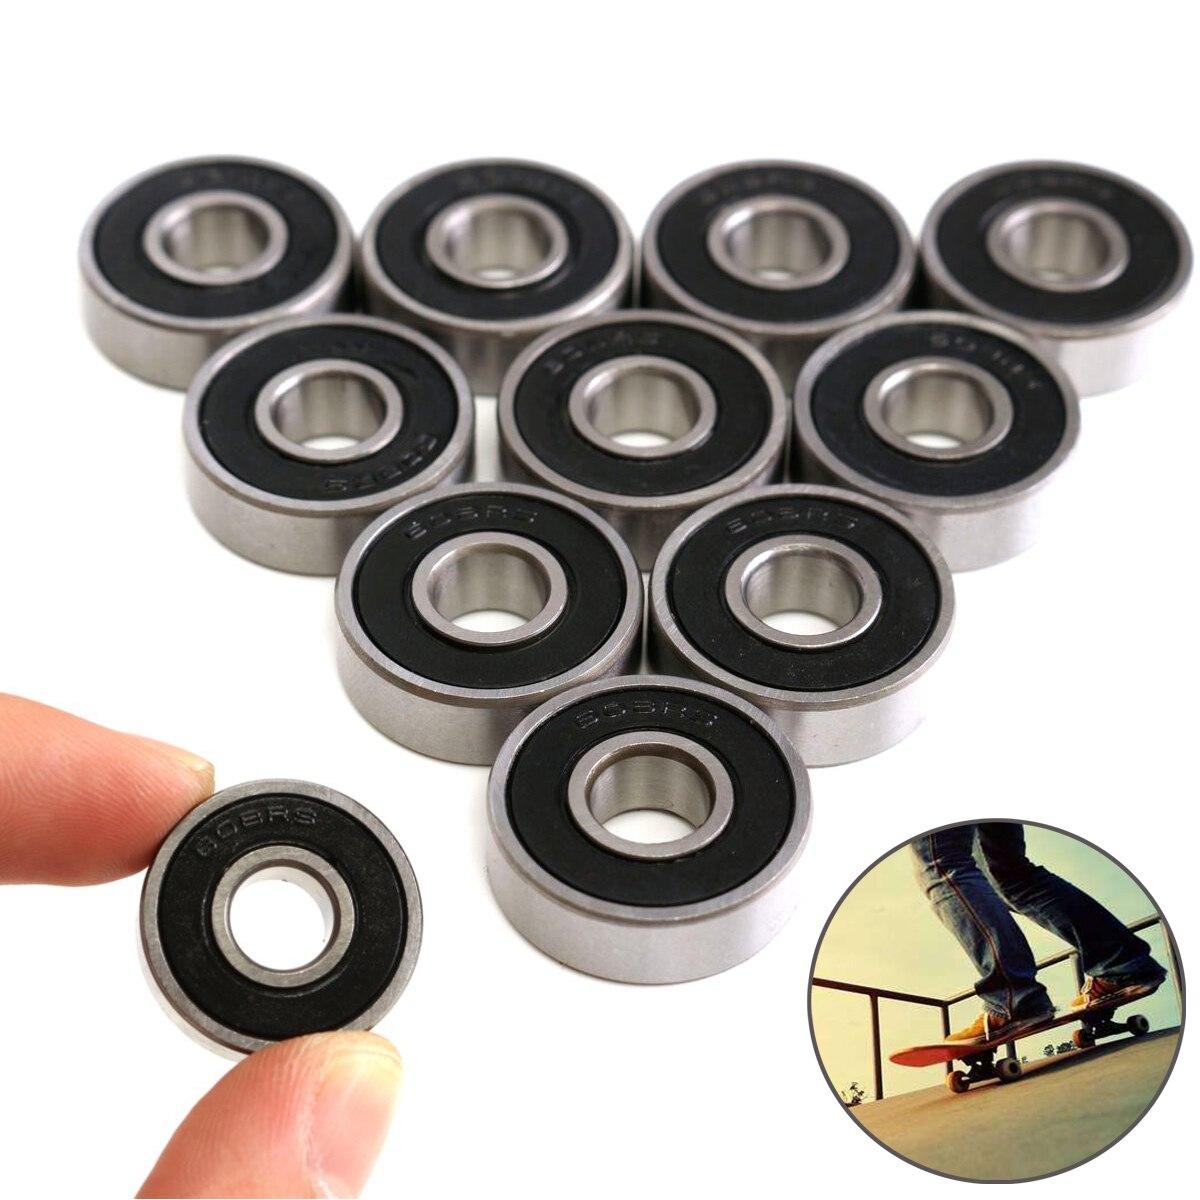 8X Skateboard Longboard Bearings ABEC 9 Stainless Chrome Steel Silence Dustproof